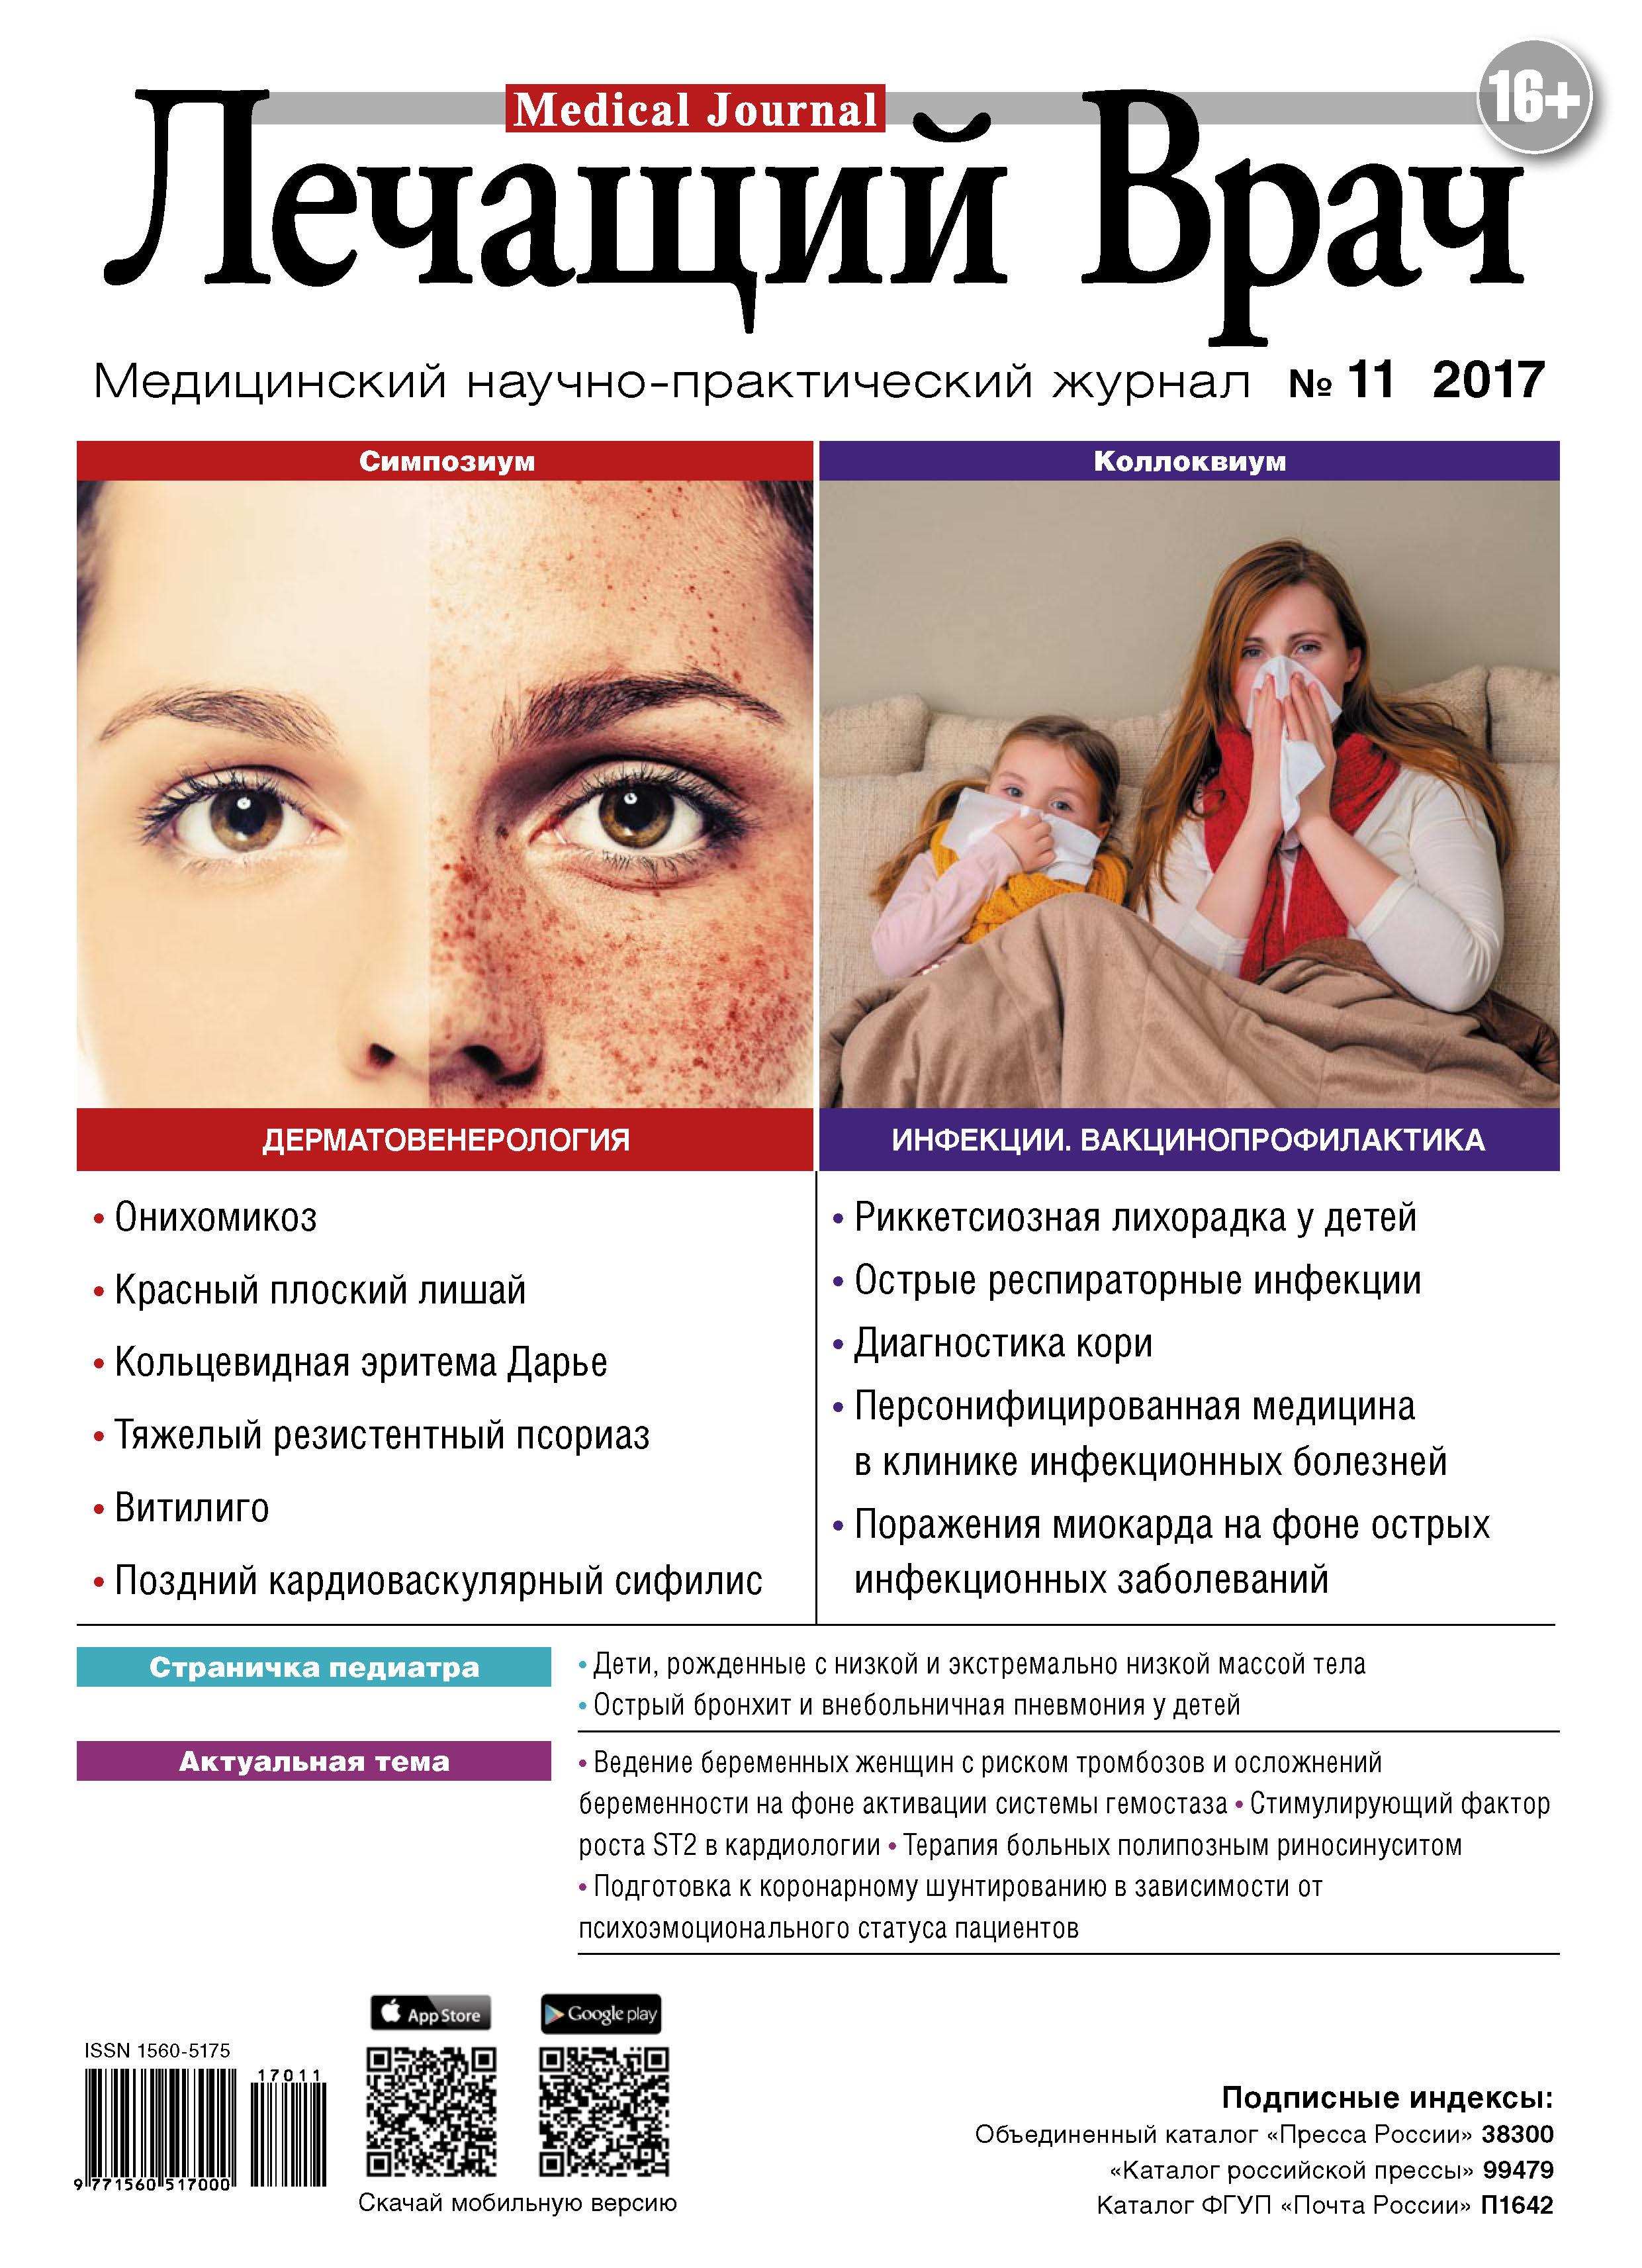 Открытые системы Журнал «Лечащий Врач» №11/2017